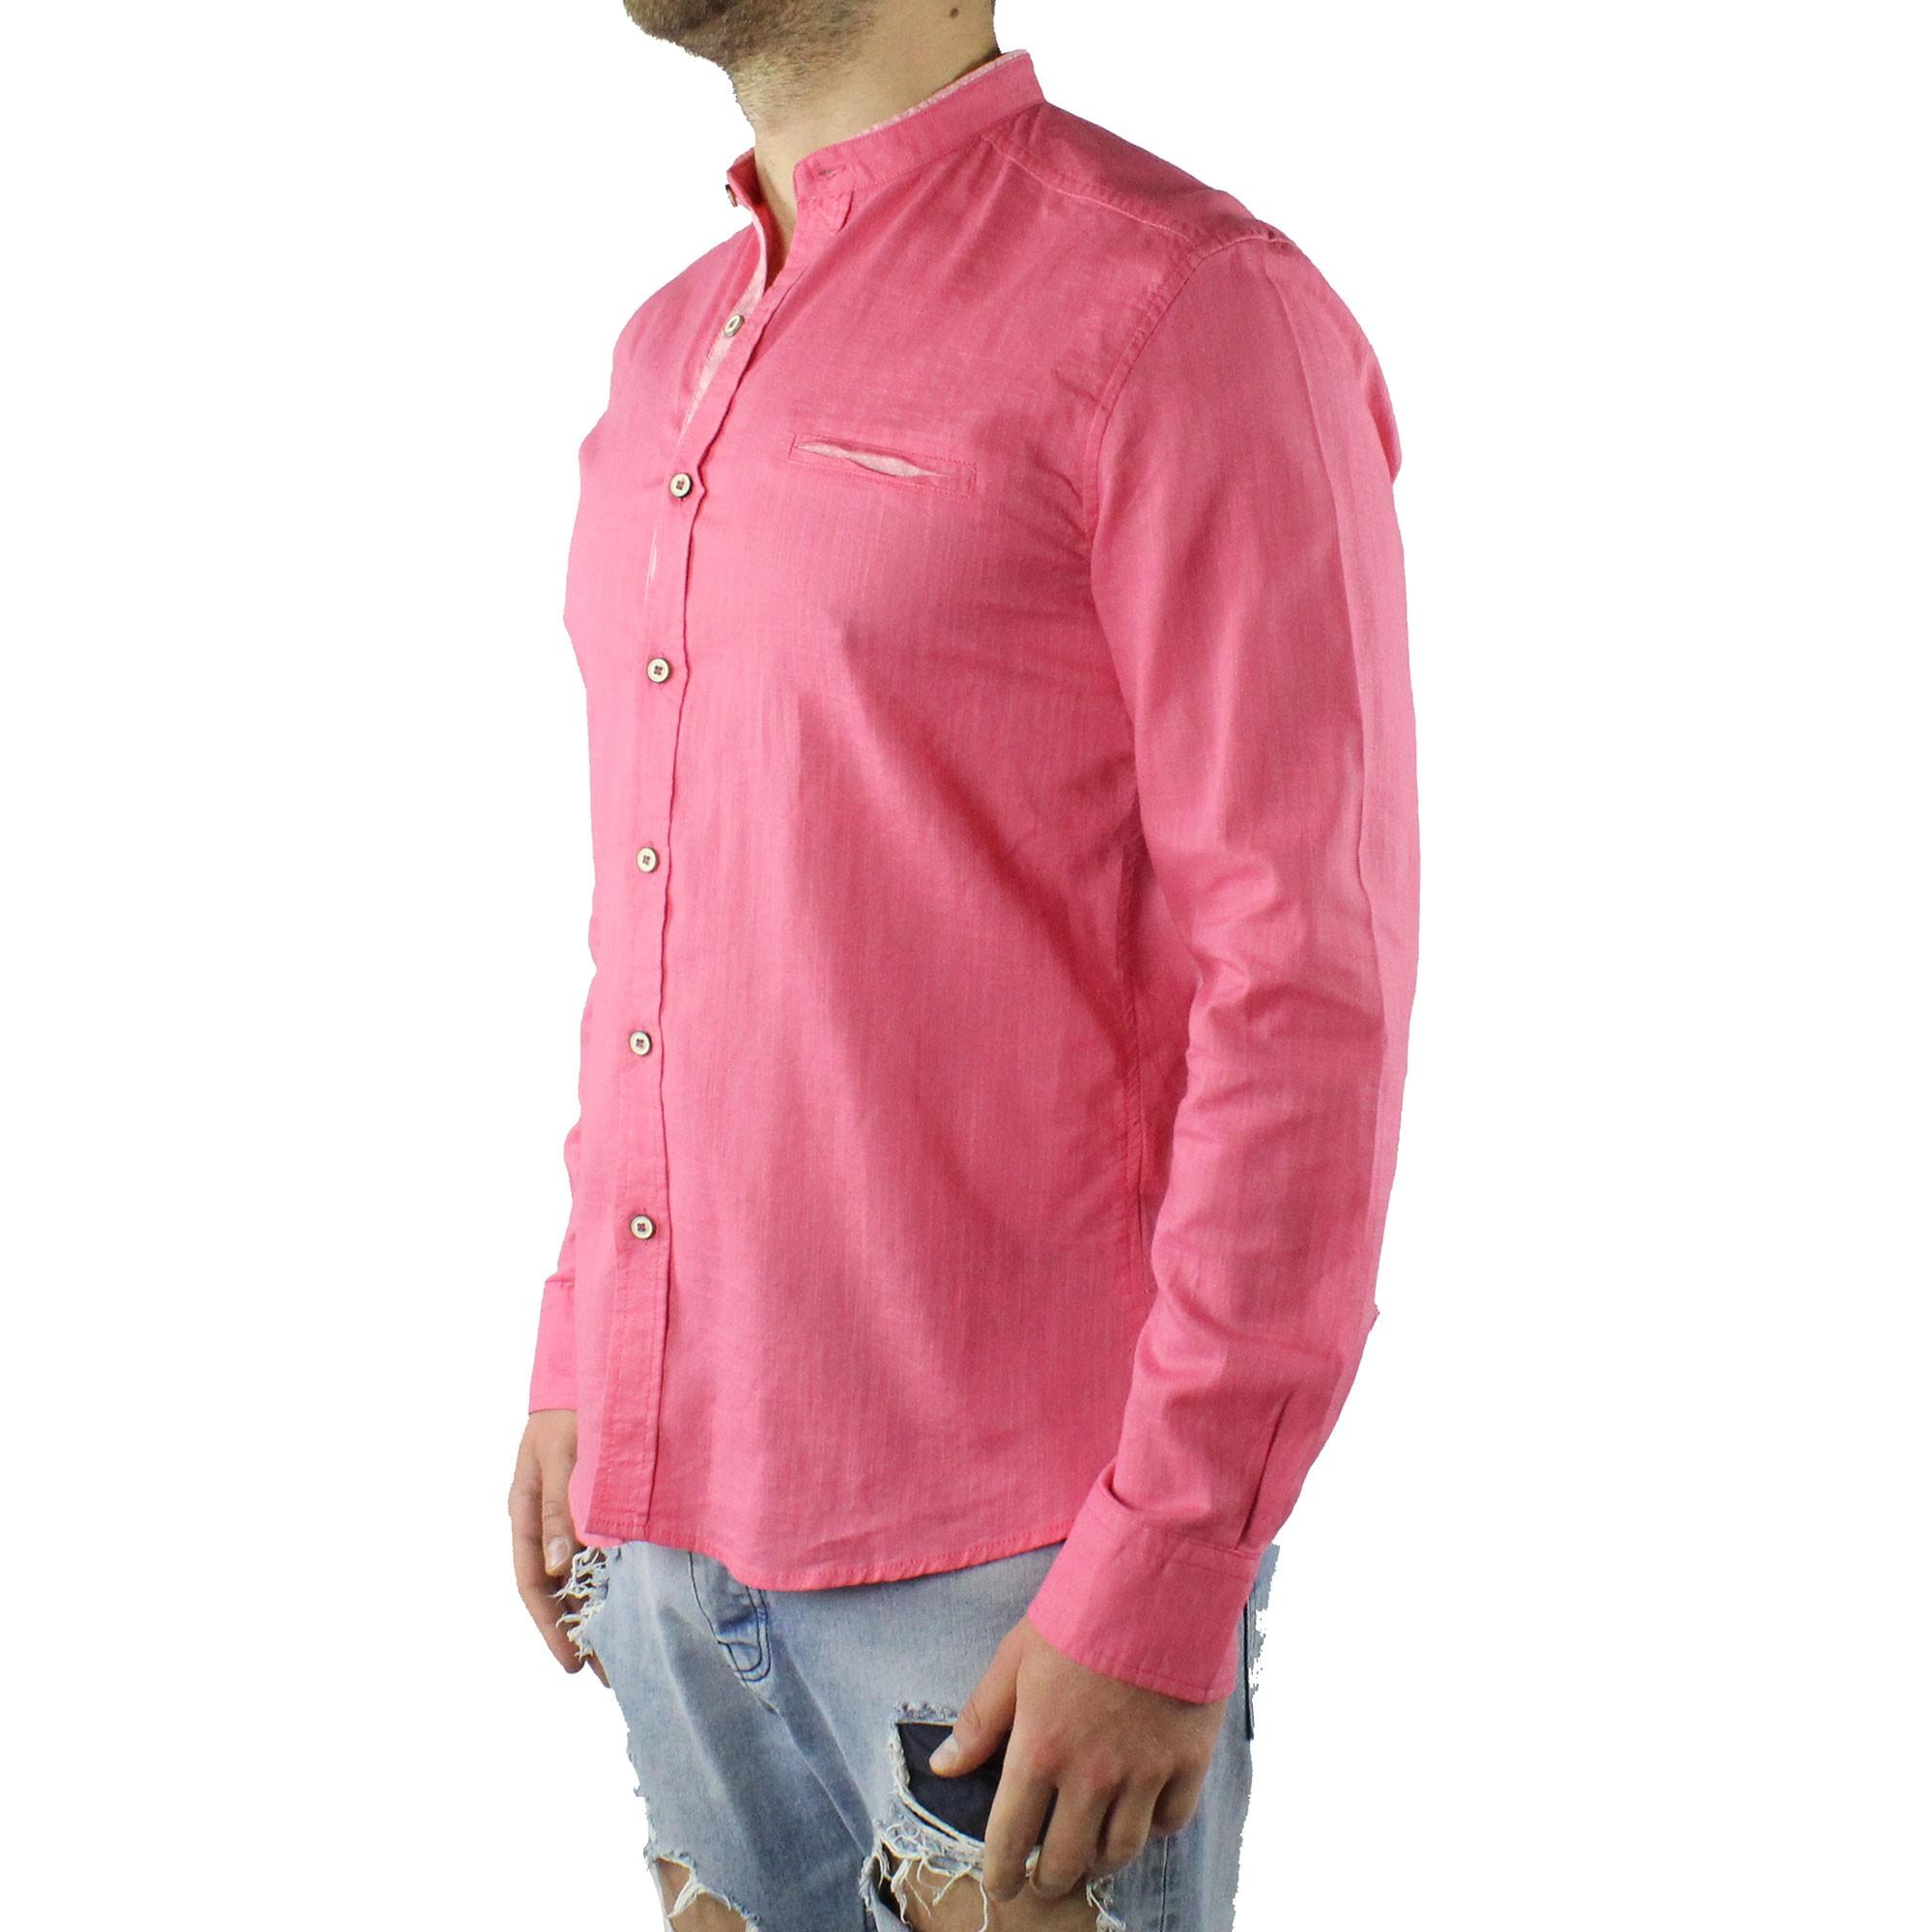 Camicia-Uomo-Collo-Coreana-Cotone-Casual-Slim-Fit-Manica-Lunga-Sartoriale-Estiva miniatura 10